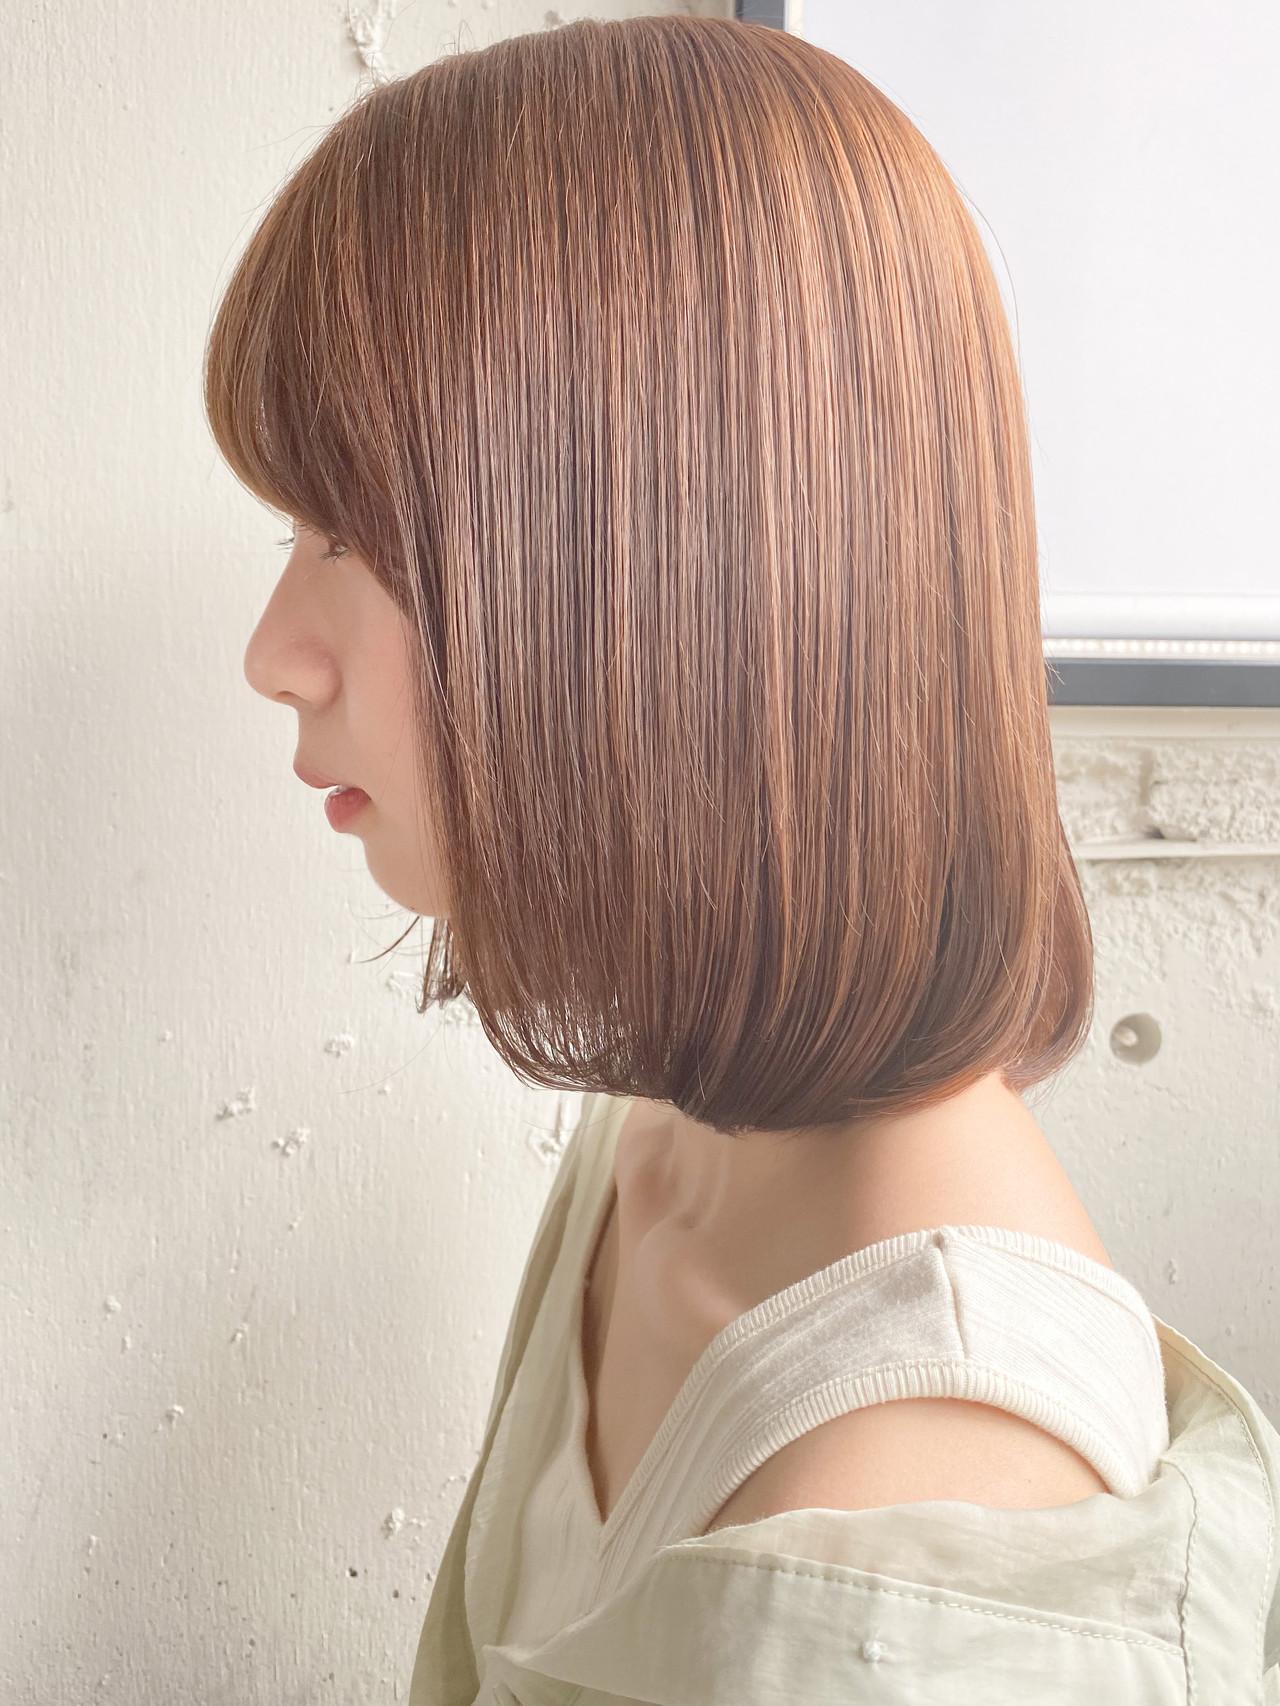 縮毛矯正ストカール モード ボブ ロブ ヘアスタイルや髪型の写真・画像 | dydi表参道 西谷美鈴 / dydi